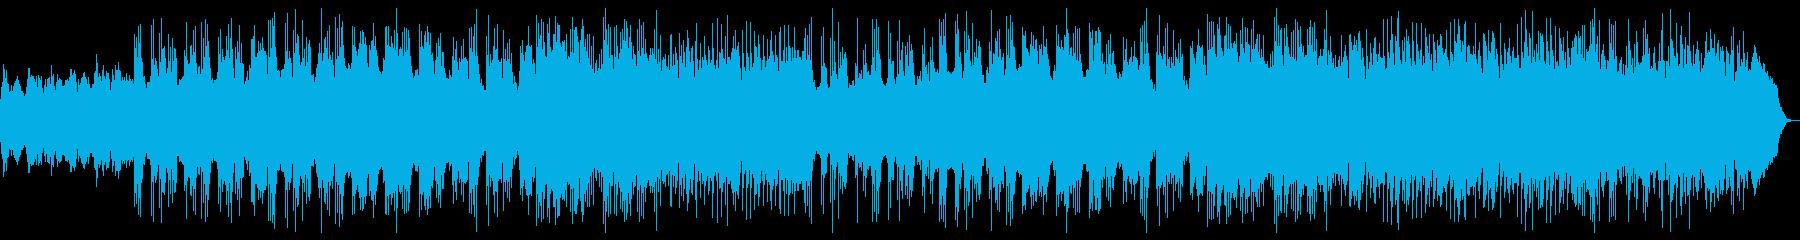 スロー、ダークなヘビーメタルBGMの再生済みの波形